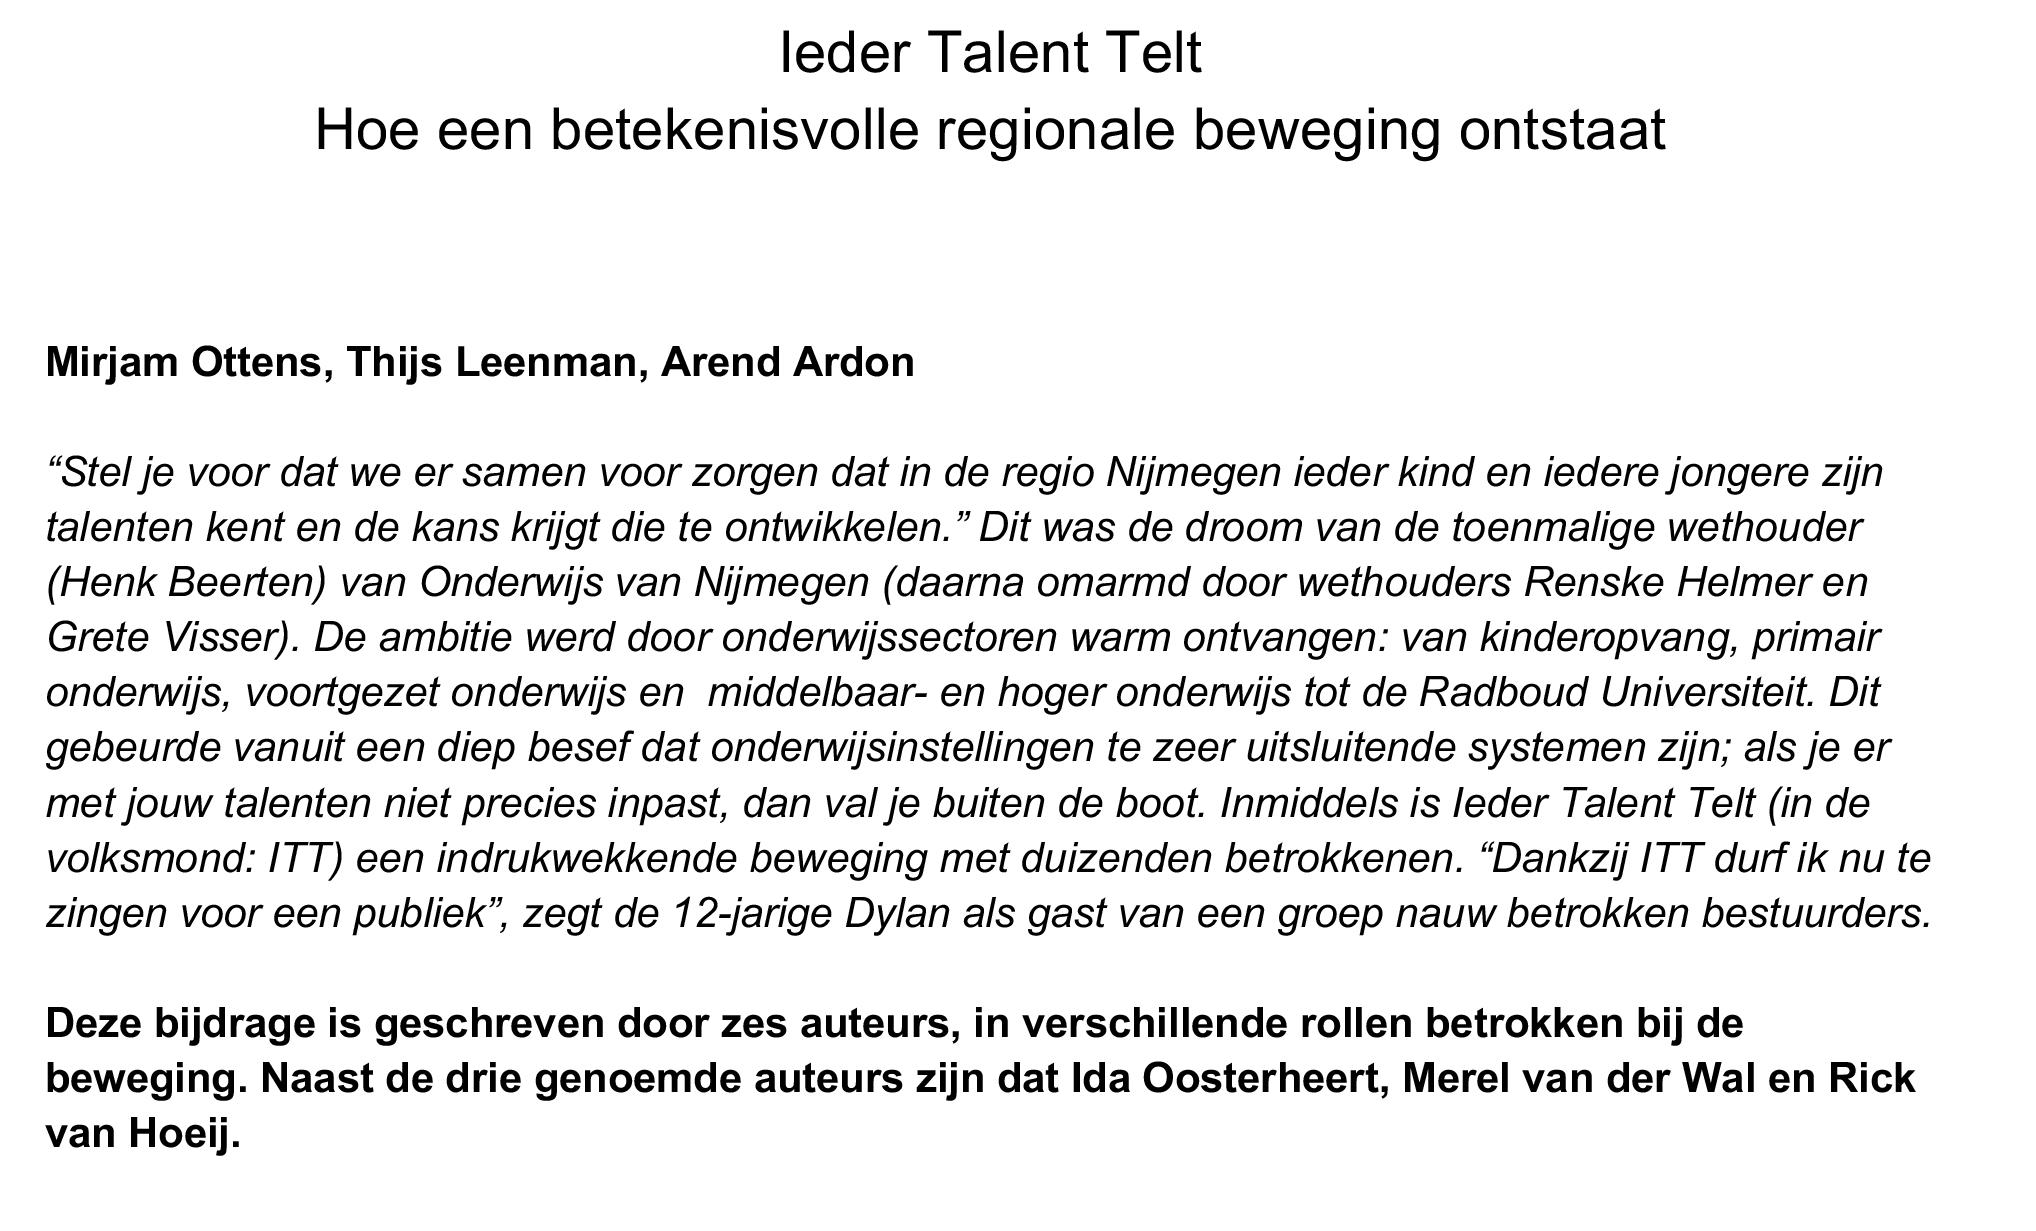 Ieder Talent Telt Hoe een betekenisvolle beweging ontstaat onderwijs Nijmegen